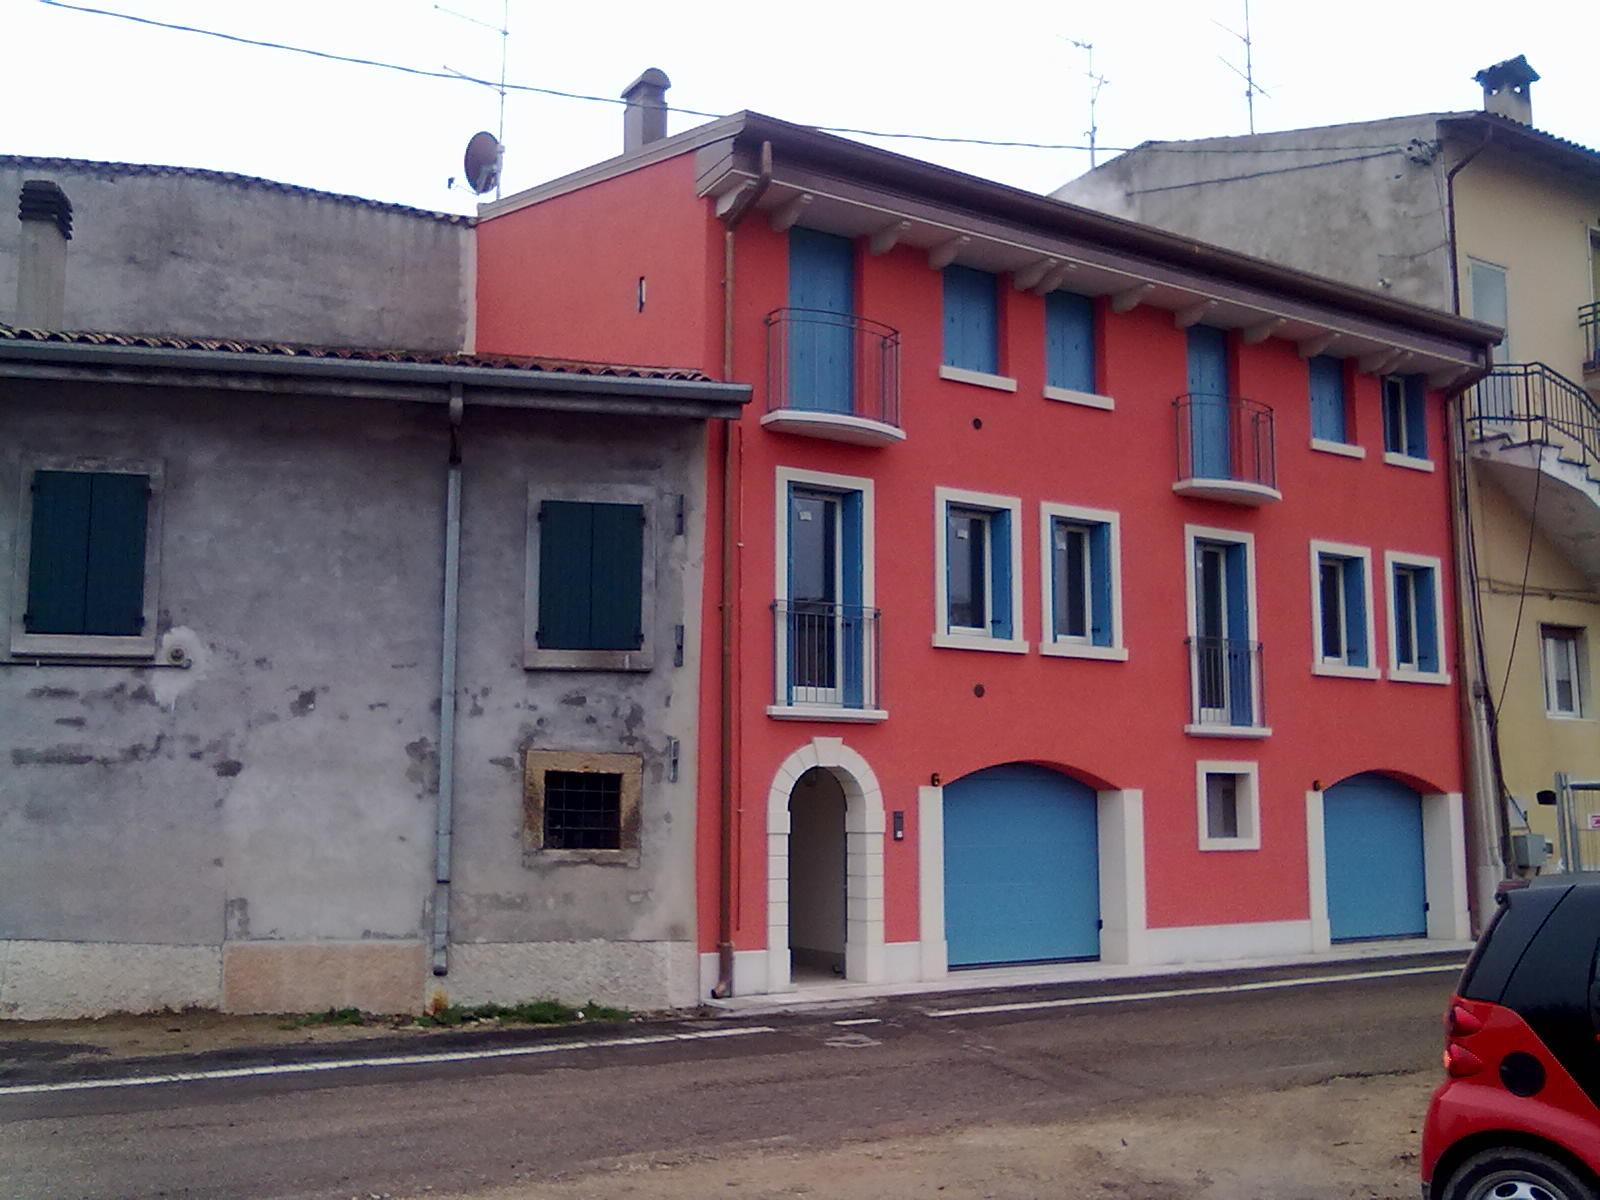 Edificio ristrutturato con colori accesi